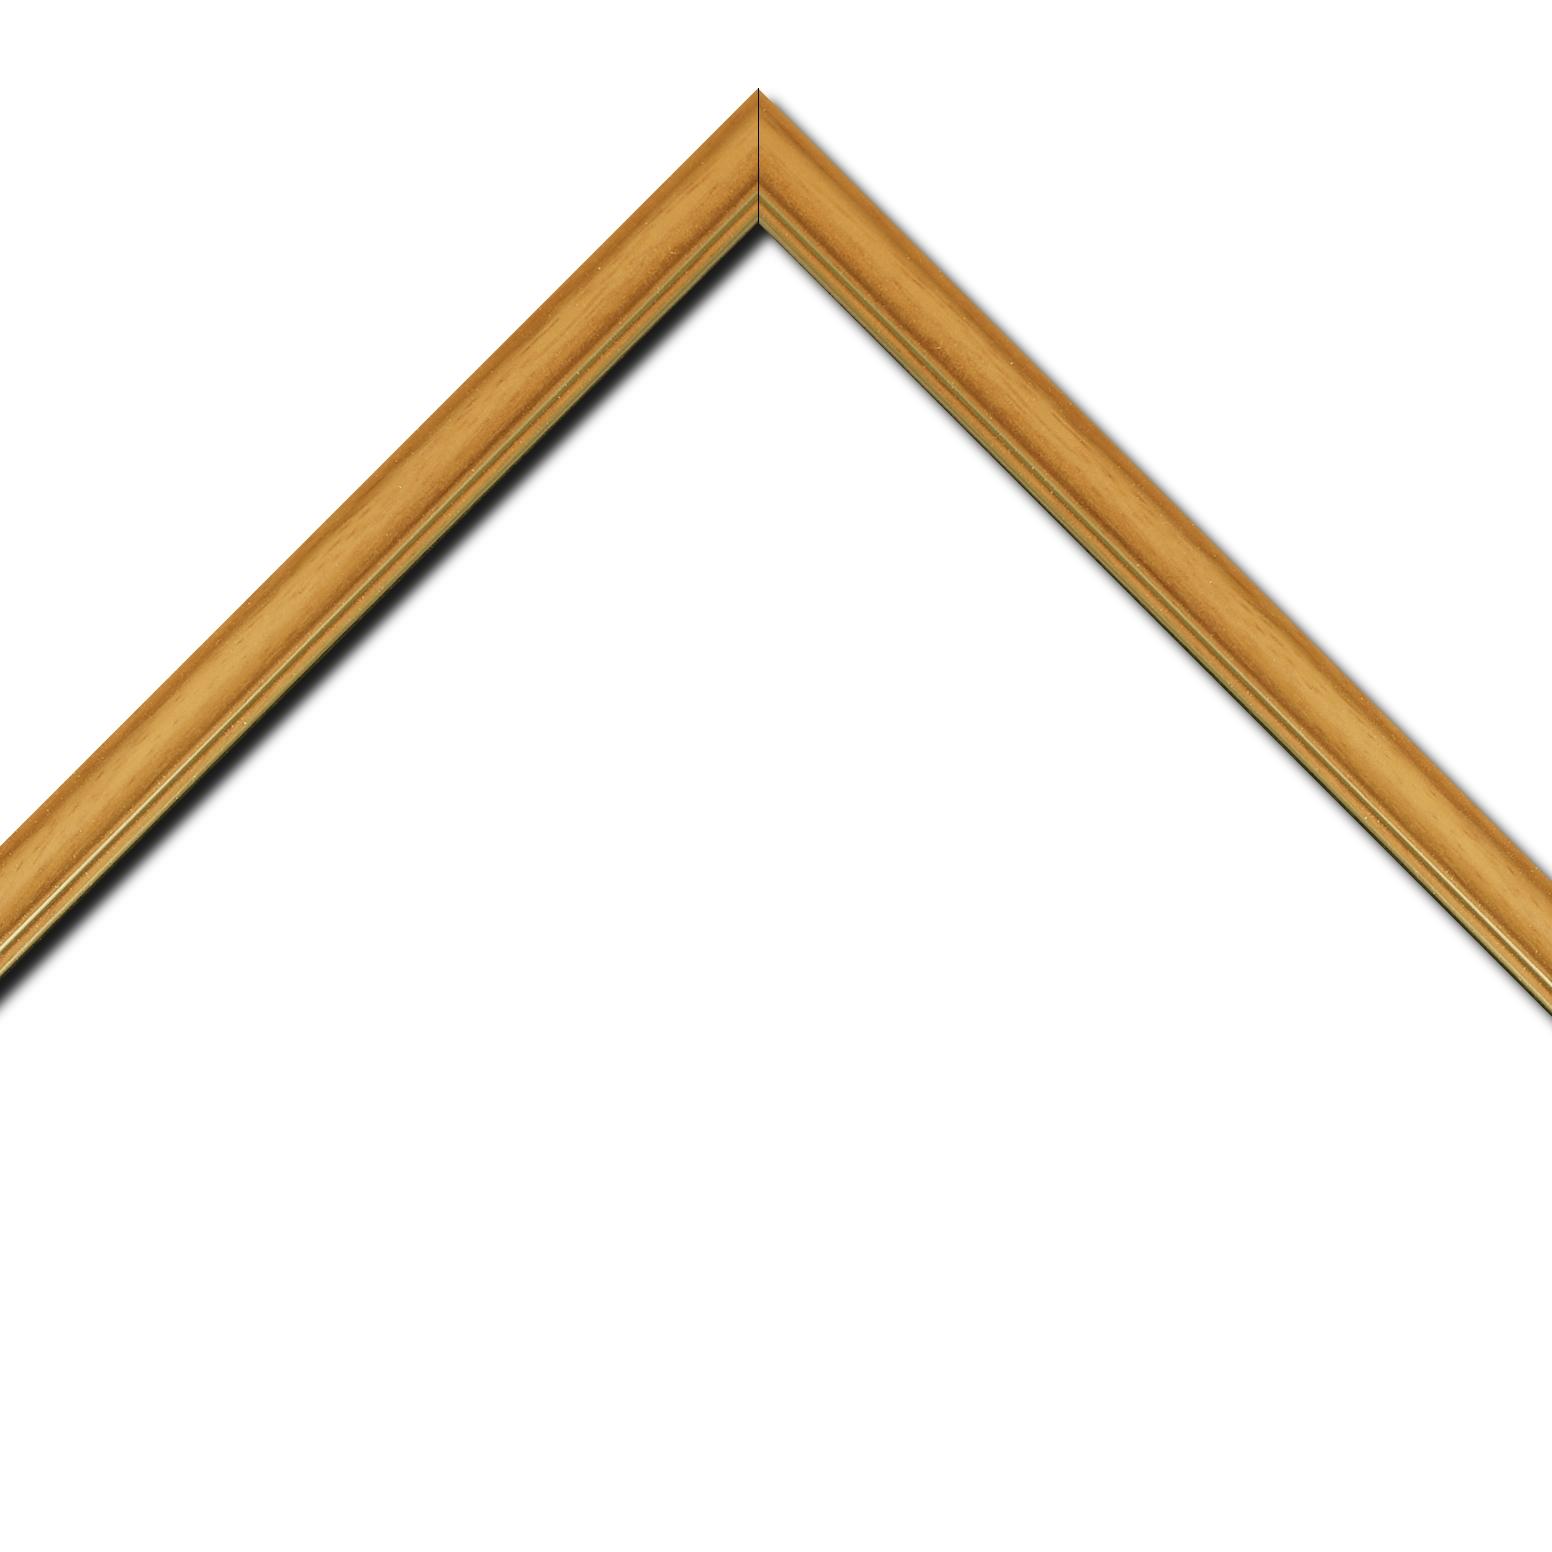 Baguette bois profil doucine inversée largeur 2.3cm jaune tournesol satiné double filet or